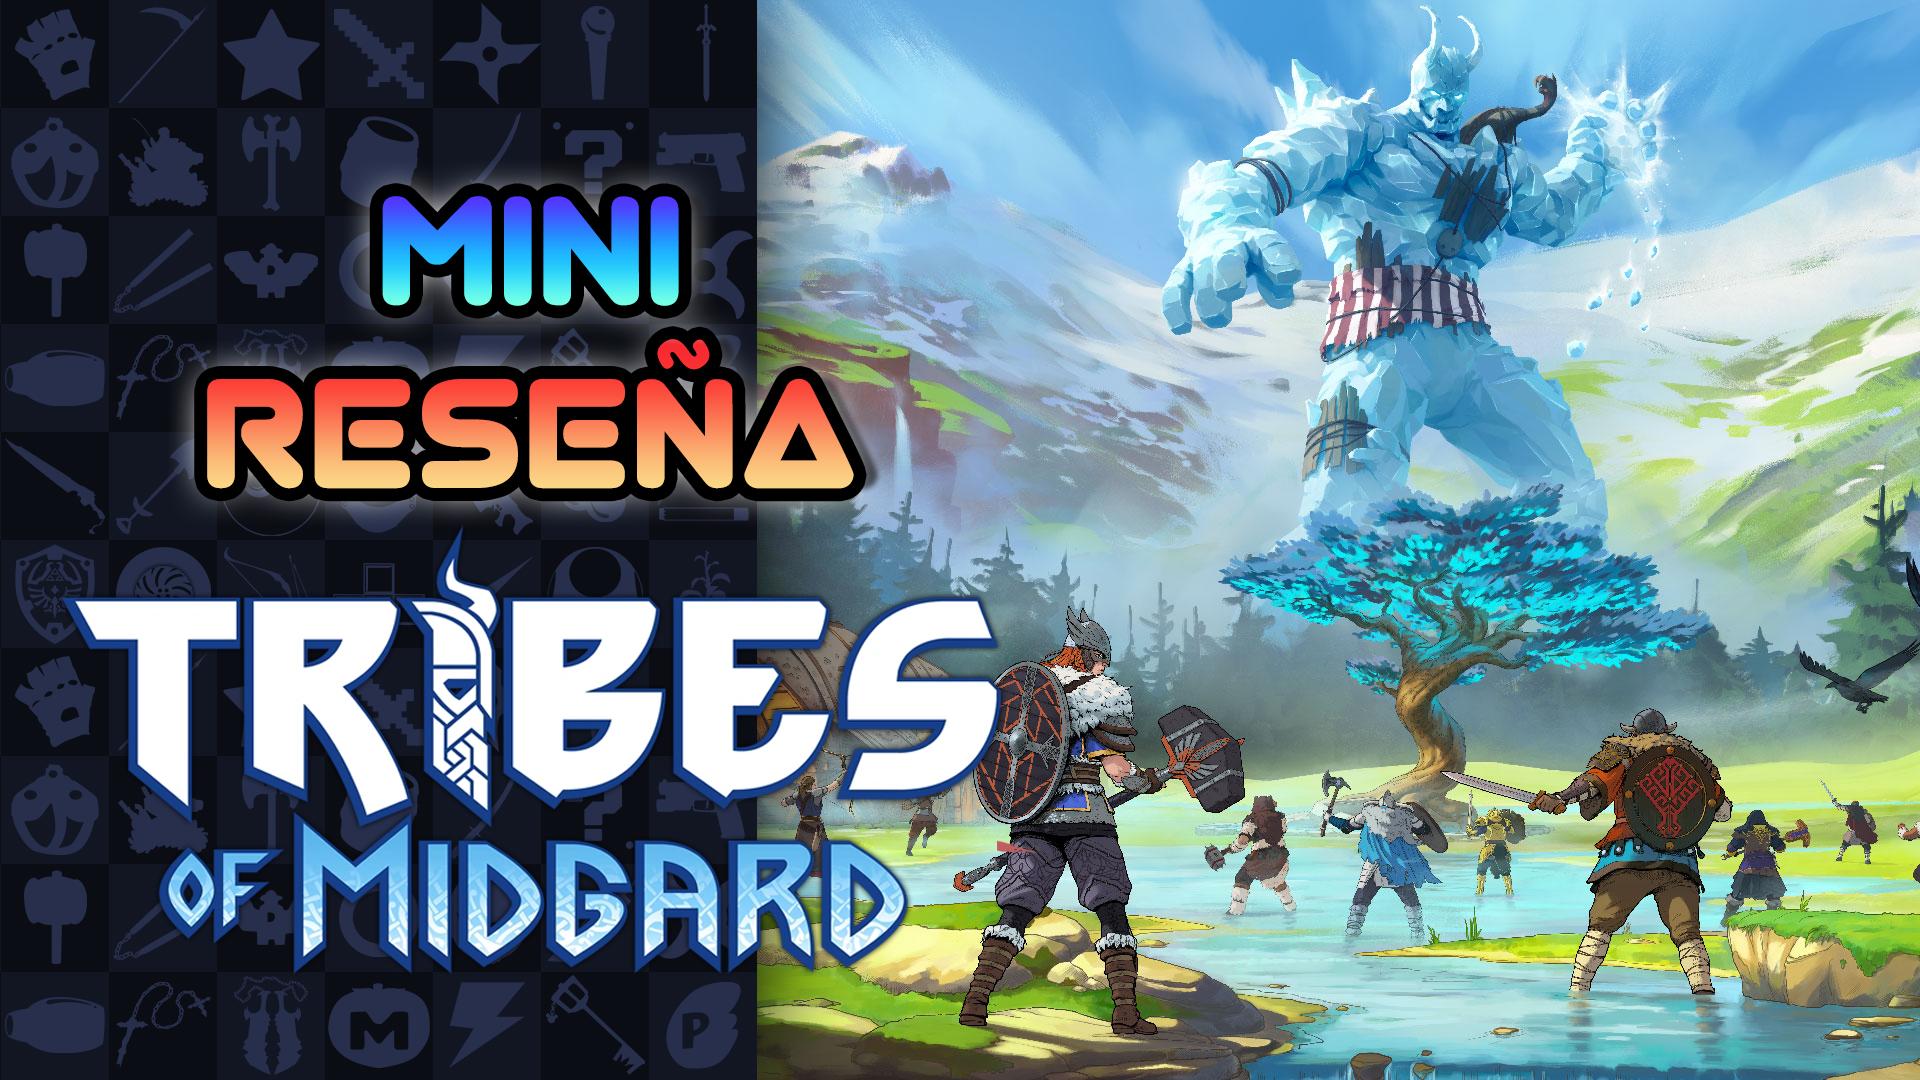 Mini Reseña Tribes of Midgard – A Medio Cocinar